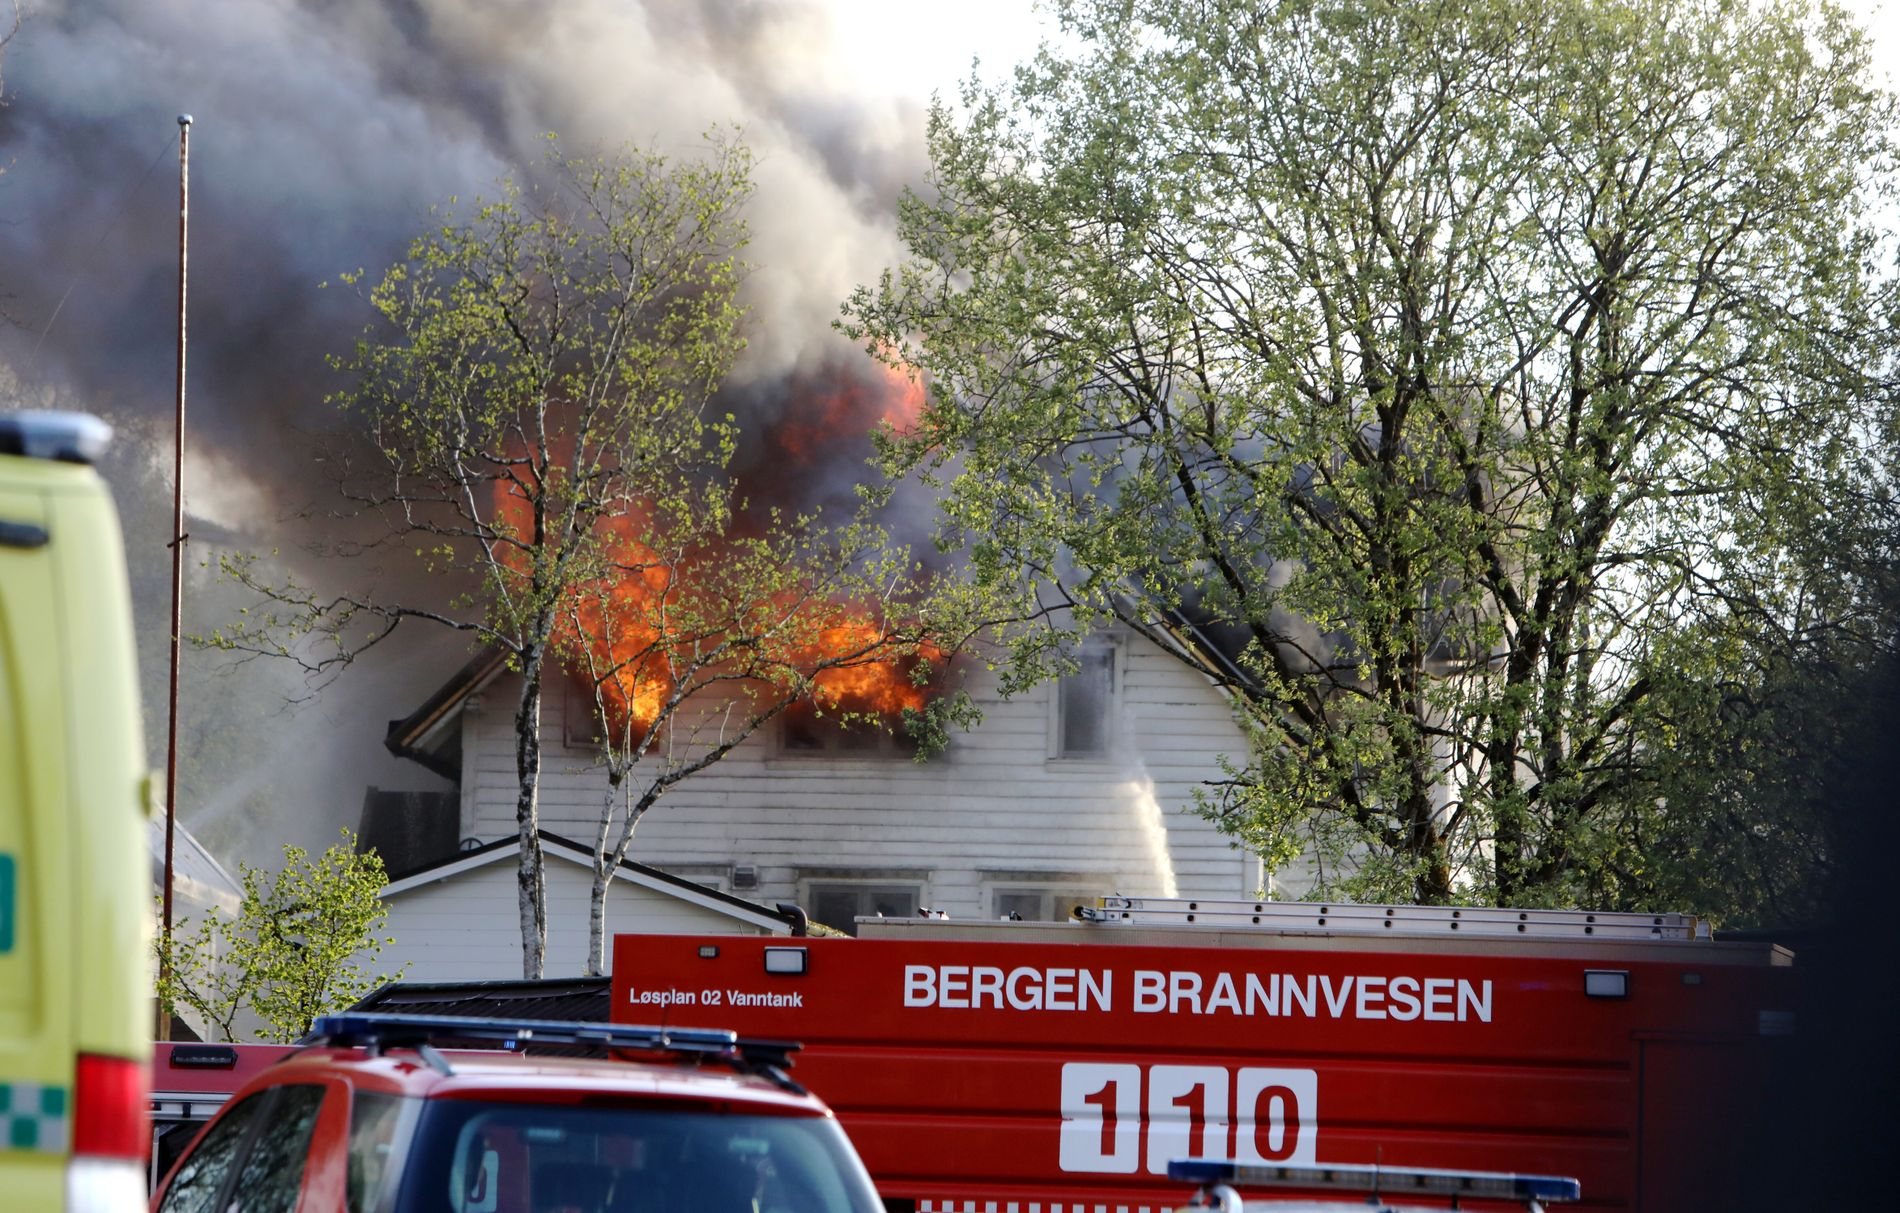 TRIST: – Det ser ut som det blir totalskadet. Det er trist for alle, sier Bjørn Arne Øvrebø i Skjold speidergruppe som holdt til i andre etasje i bygget.